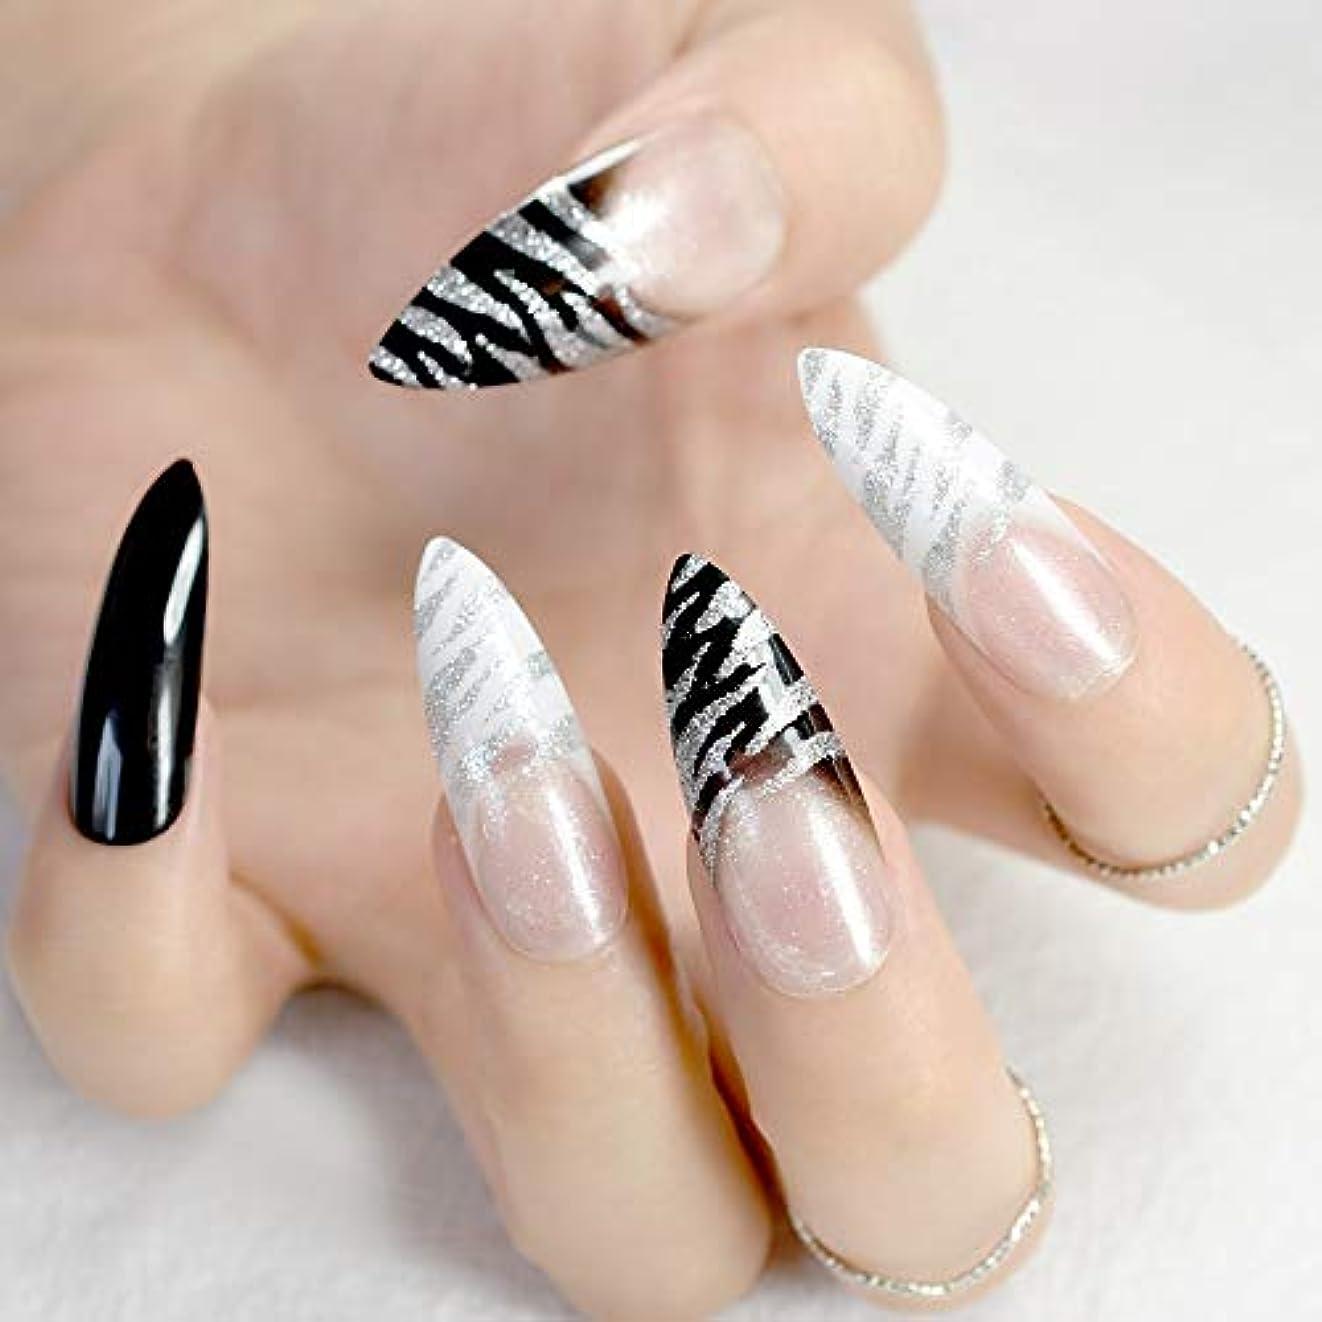 十一錆びするだろうXUTXZKA 24ピースファッションアクリル尖った偽爪スティレット爪クリアキラキラフレンチネイルマニキュアのヒントフルカバー製品